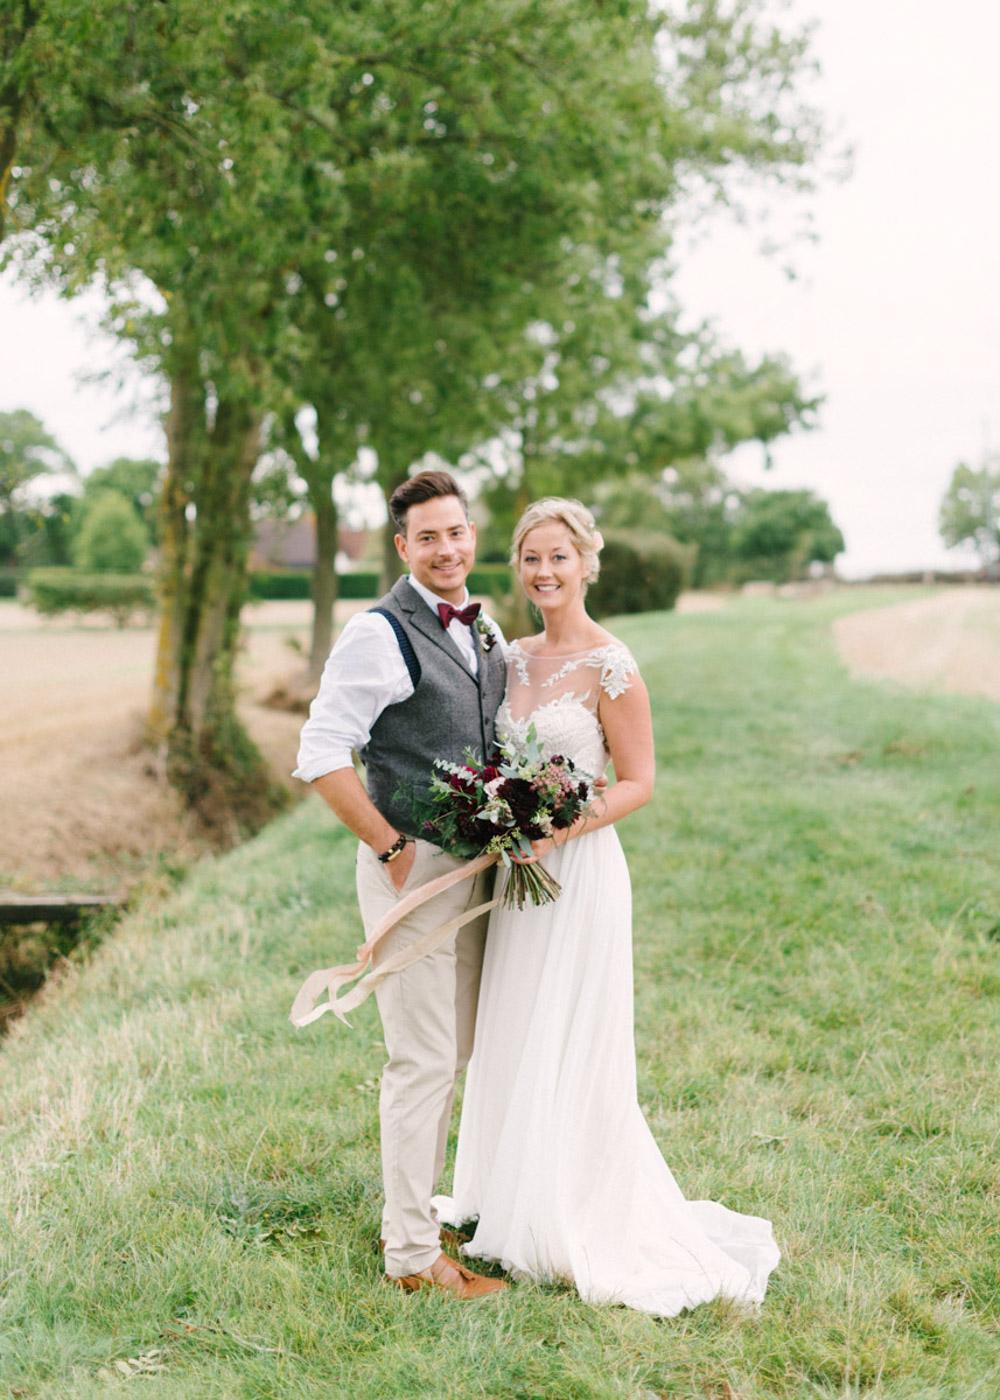 Otter springs fl wedding